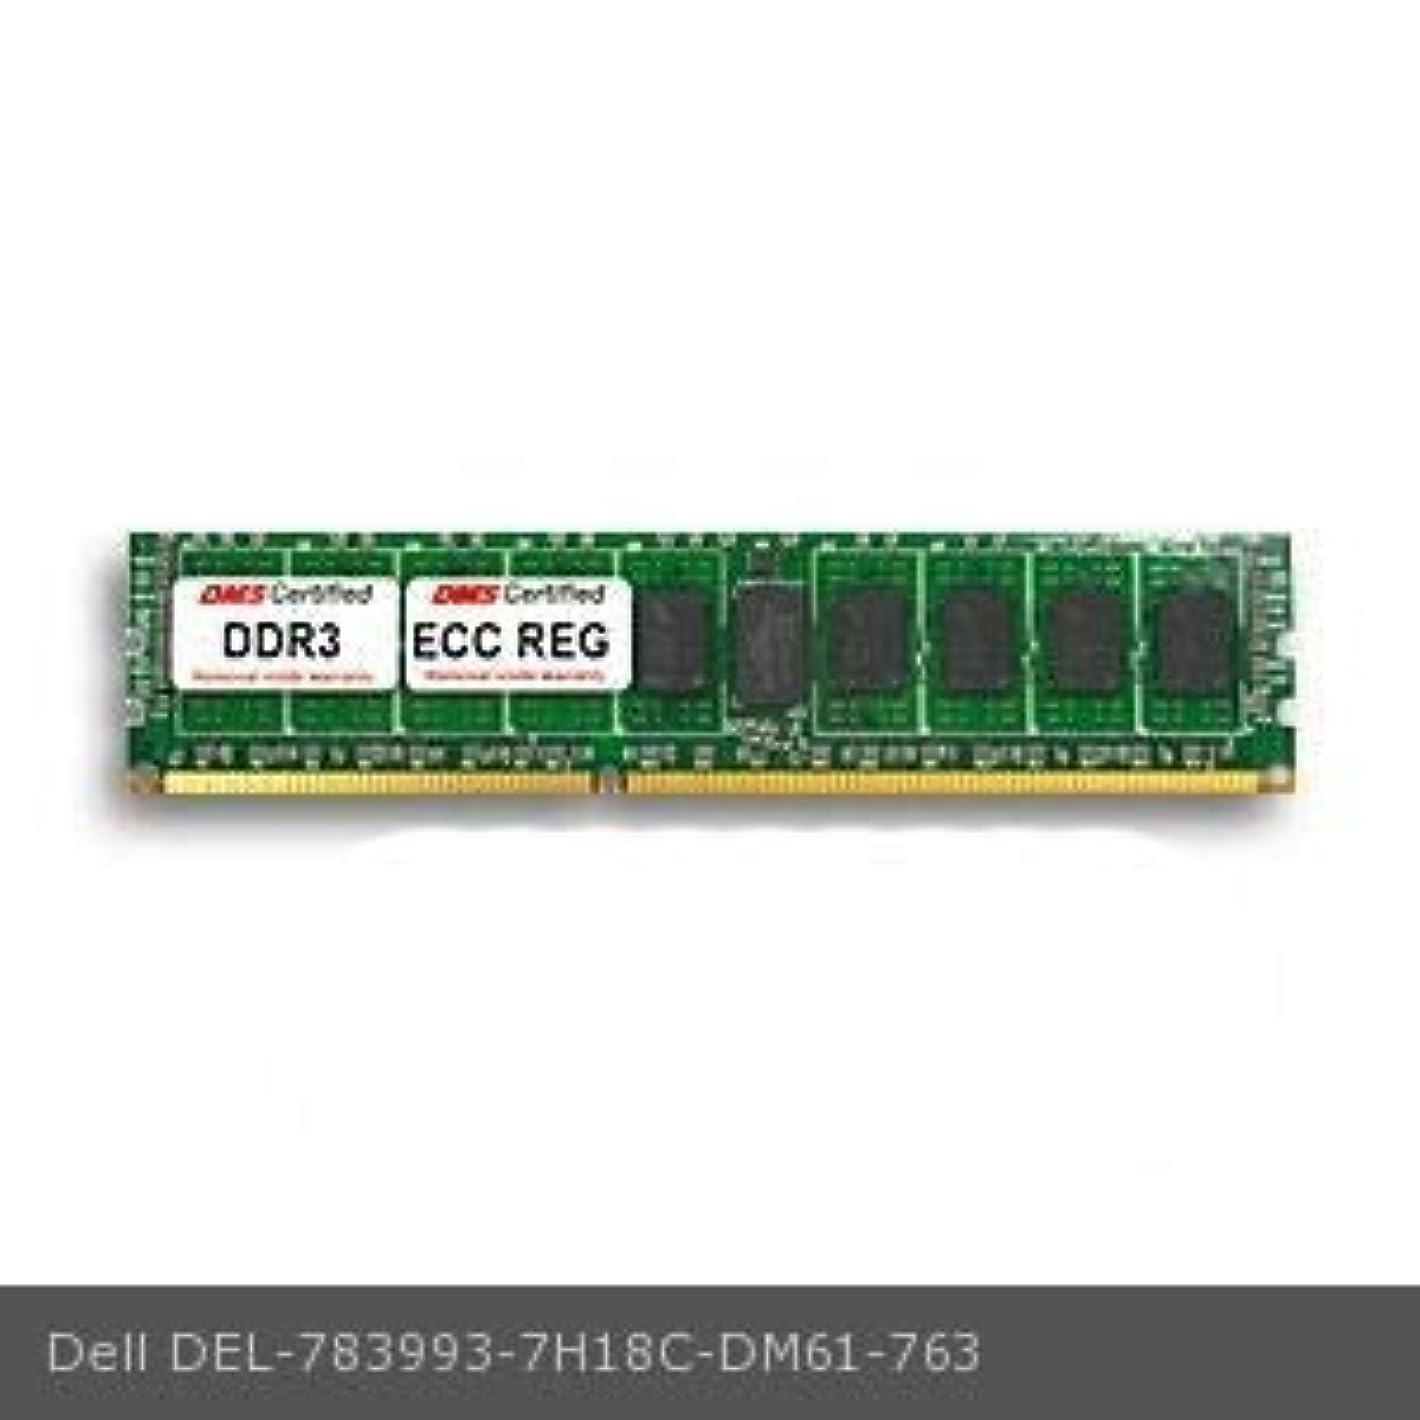 メニューピック図書館DMS Dell 7H18C PowerEdge R610 4GB DMS 認証済みメモリ DDR3-1333 (PC3-10600) 512x72 CL9 1.5v 240ピン ECC及びRegistered対応 DIMM - DMS